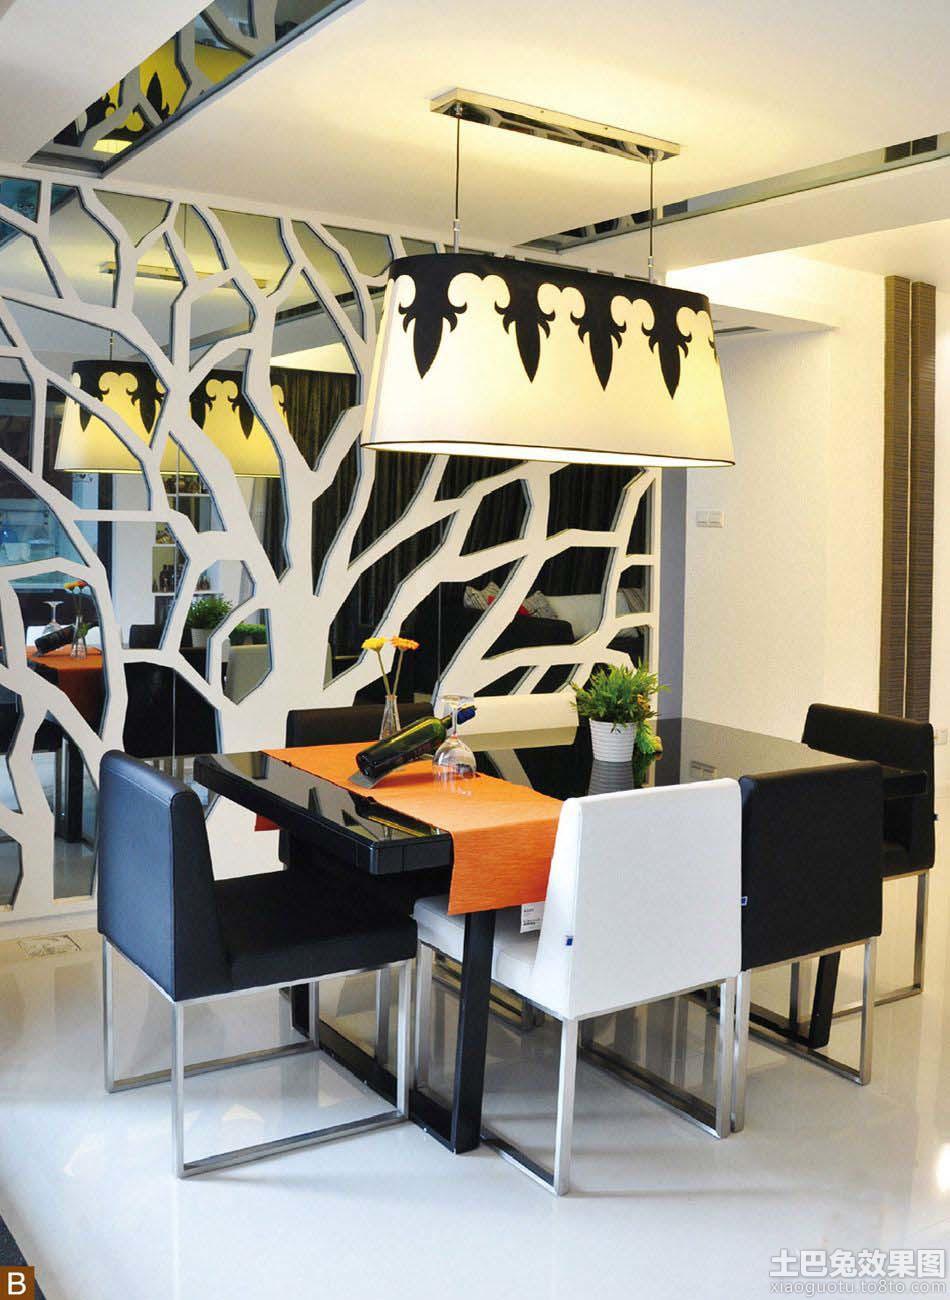 现代风格餐厅镂空隔断装修效果图装修效果图